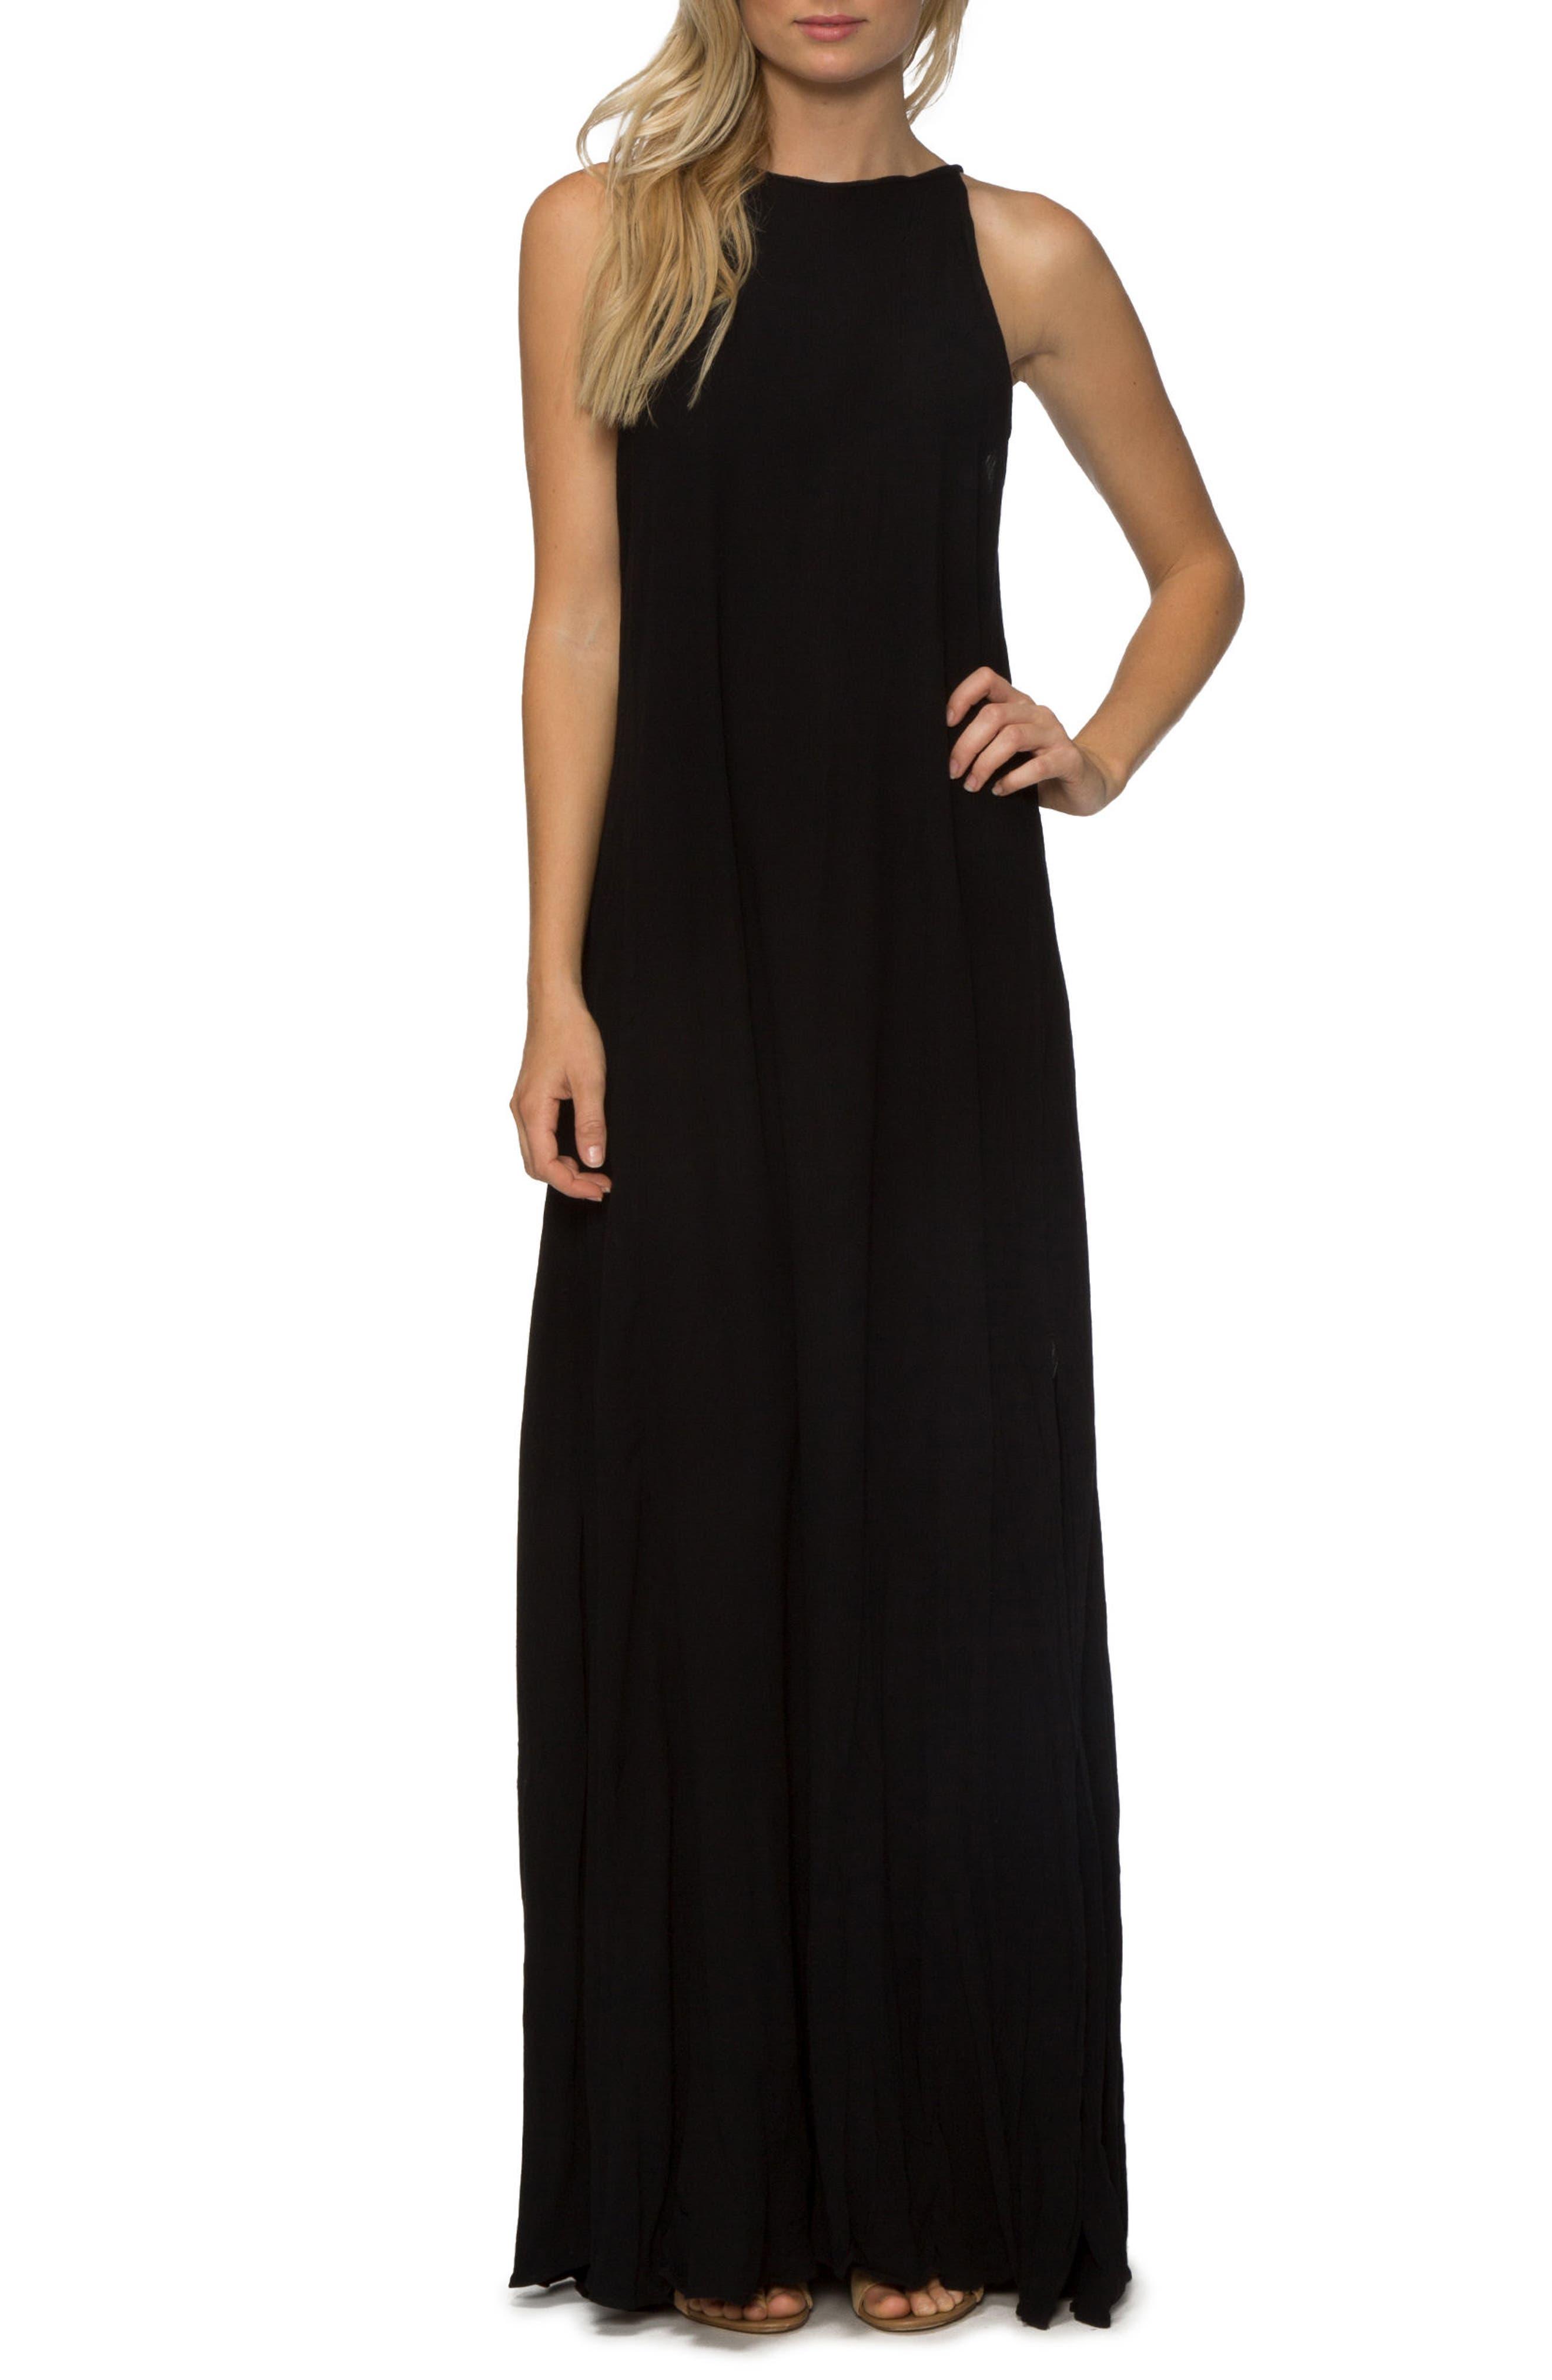 Main Image - TAVIK Farleigh Cover-Up Maxi Dress